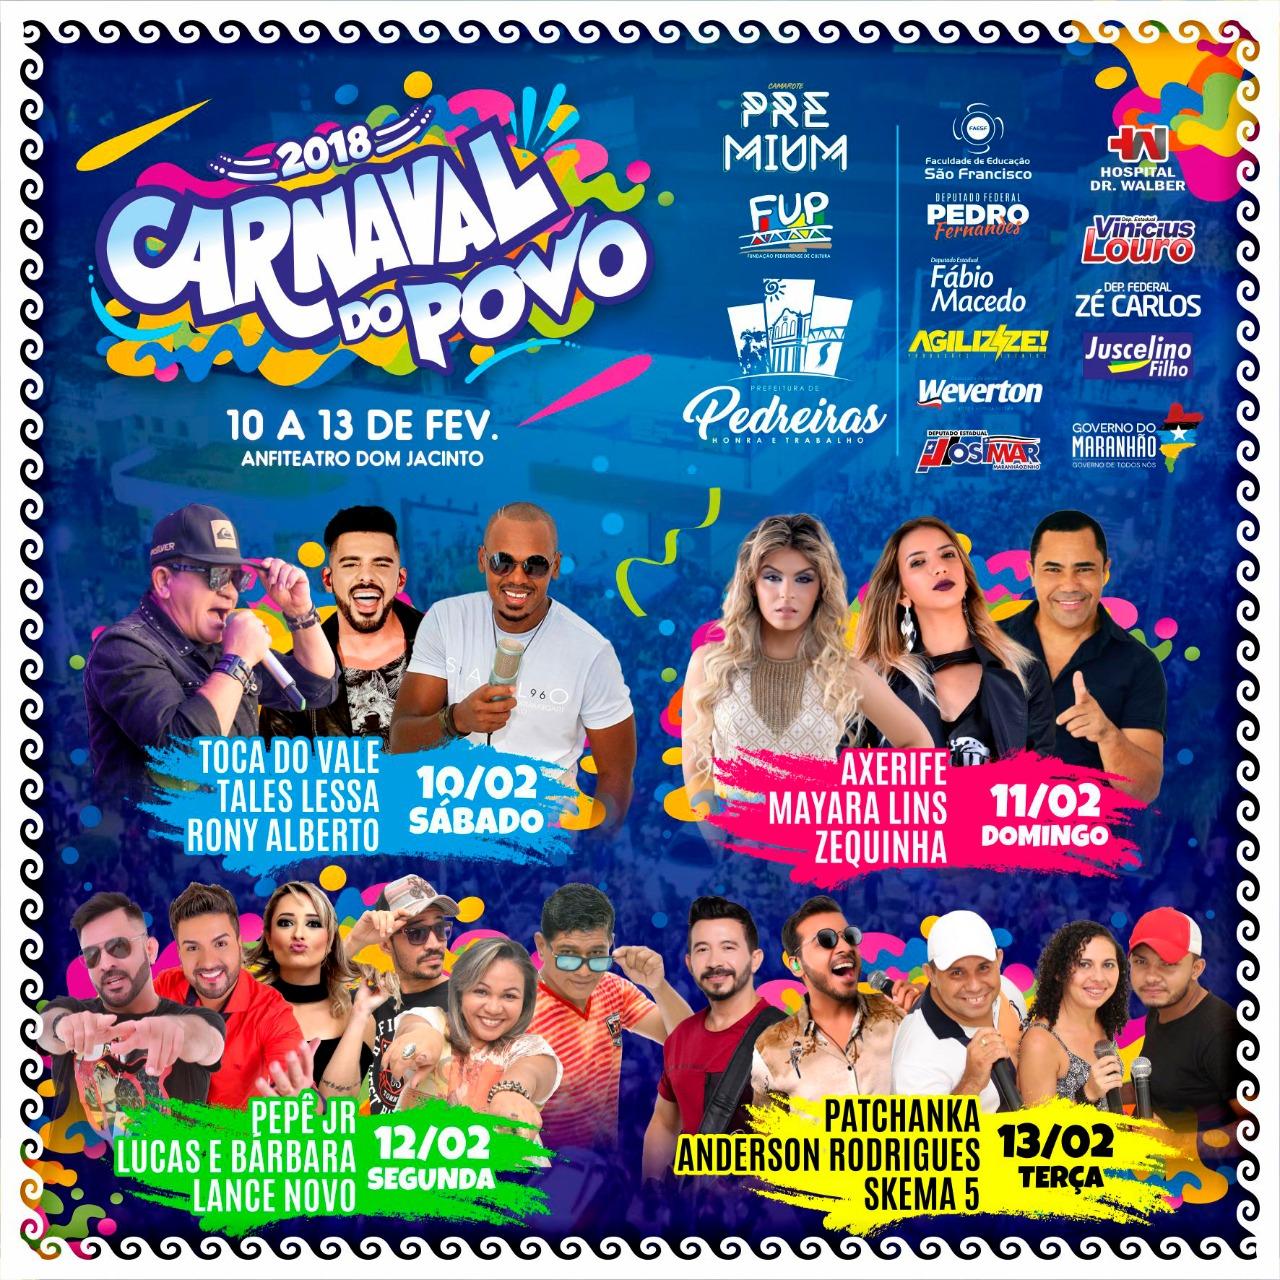 CARNAVAL DO POVO 2018